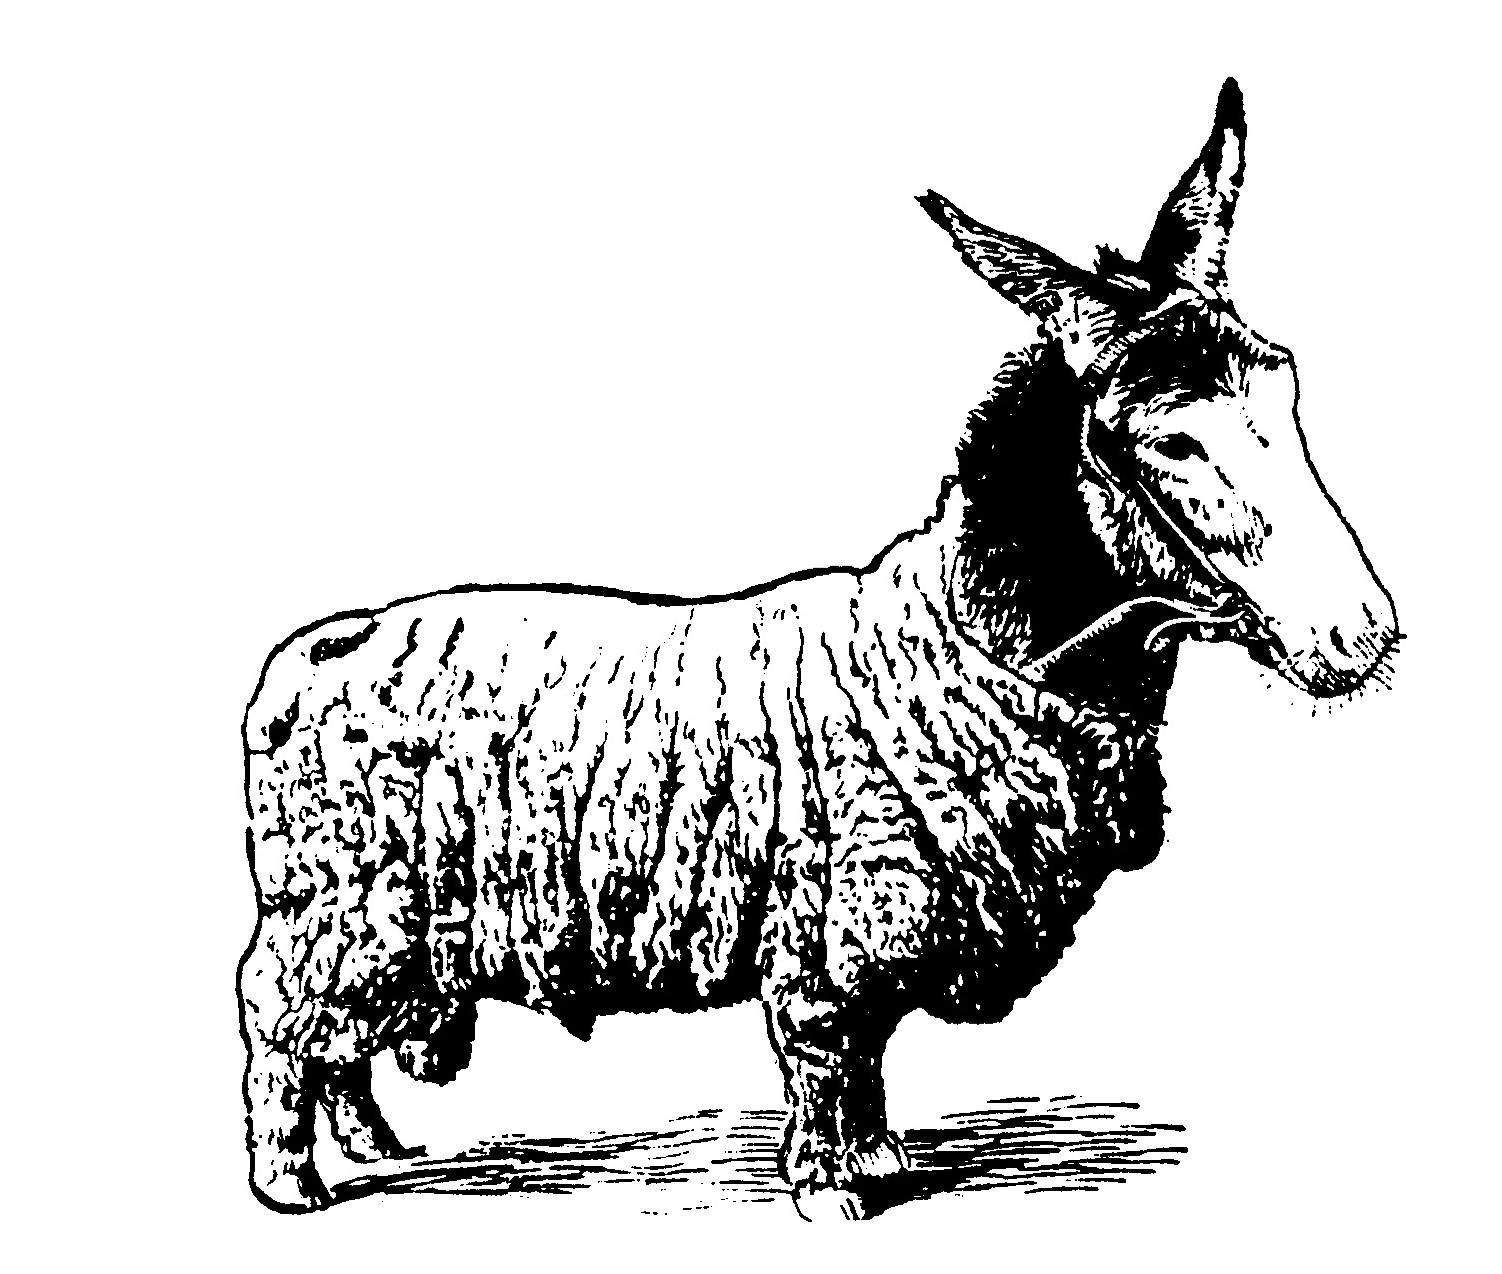 Lettre A : Ânabécédaire (un abécédaire paru dans le Midi